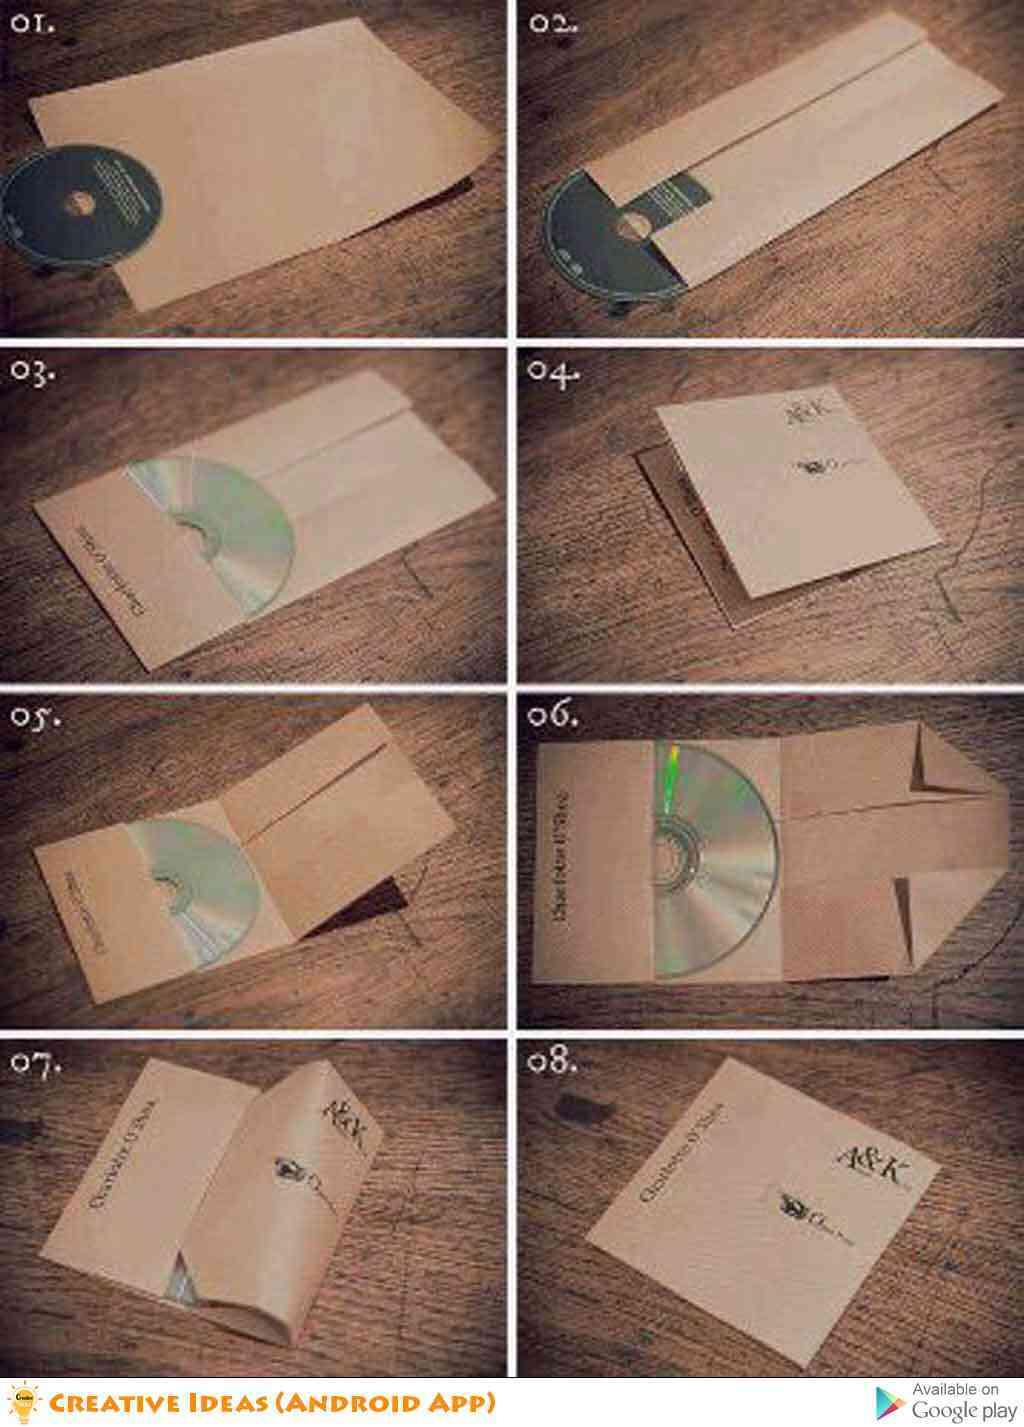 Как сделать что-нибудь полезное своими руками из бумаги